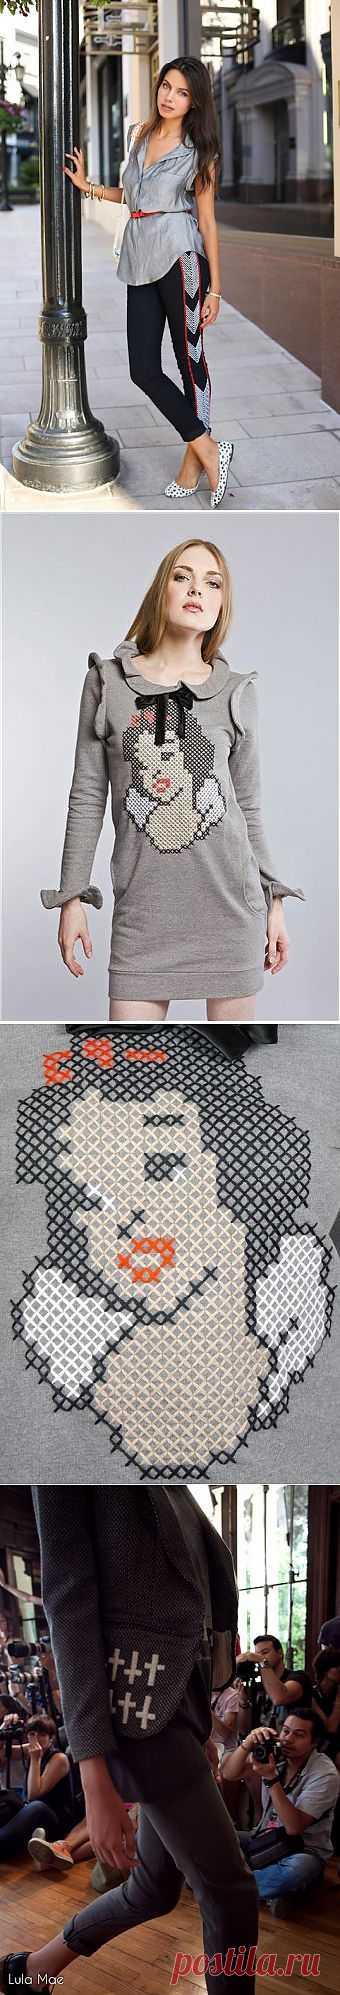 Три степени усердия / Вышивка / Модный сайт о стильной переделке одежды и интерьера